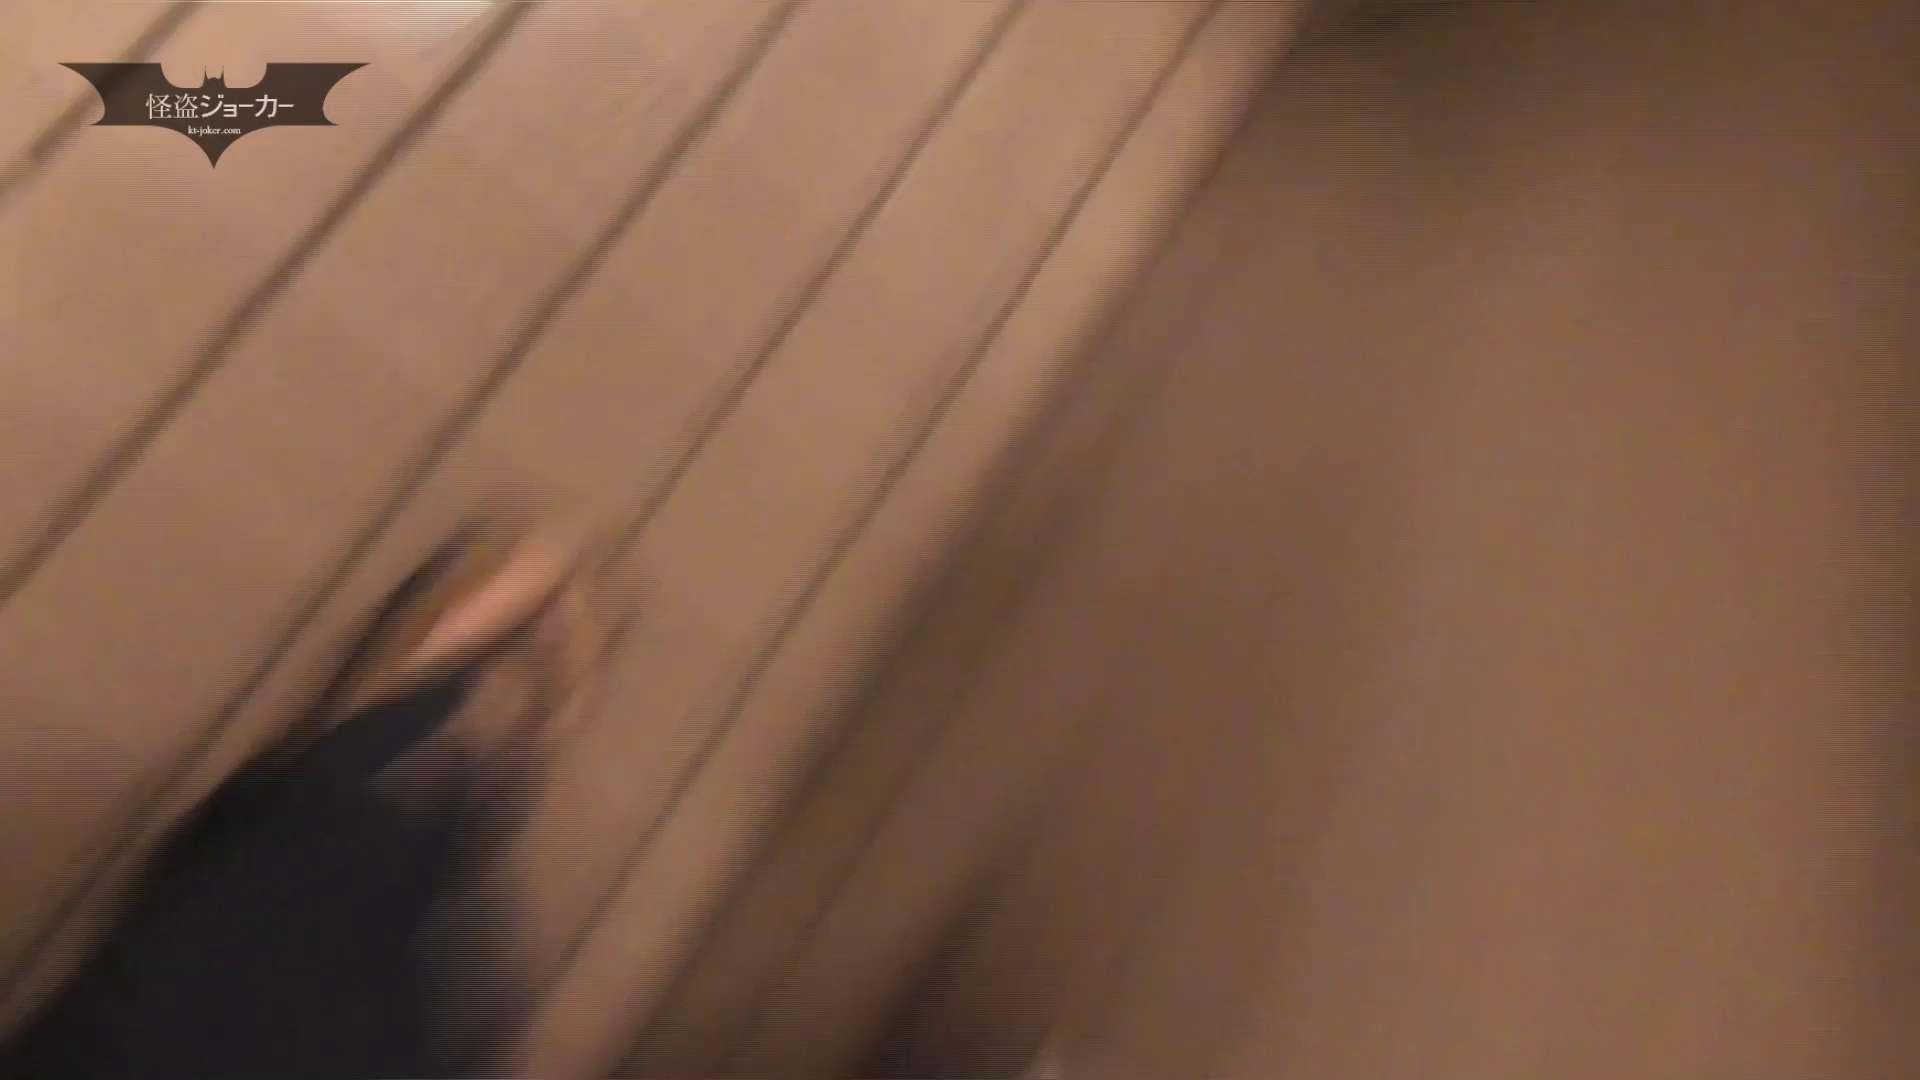 ヒトニアラヅNo.10 雪の様な白い肌 盗撮 隠し撮りオマンコ動画紹介 105PIX 35